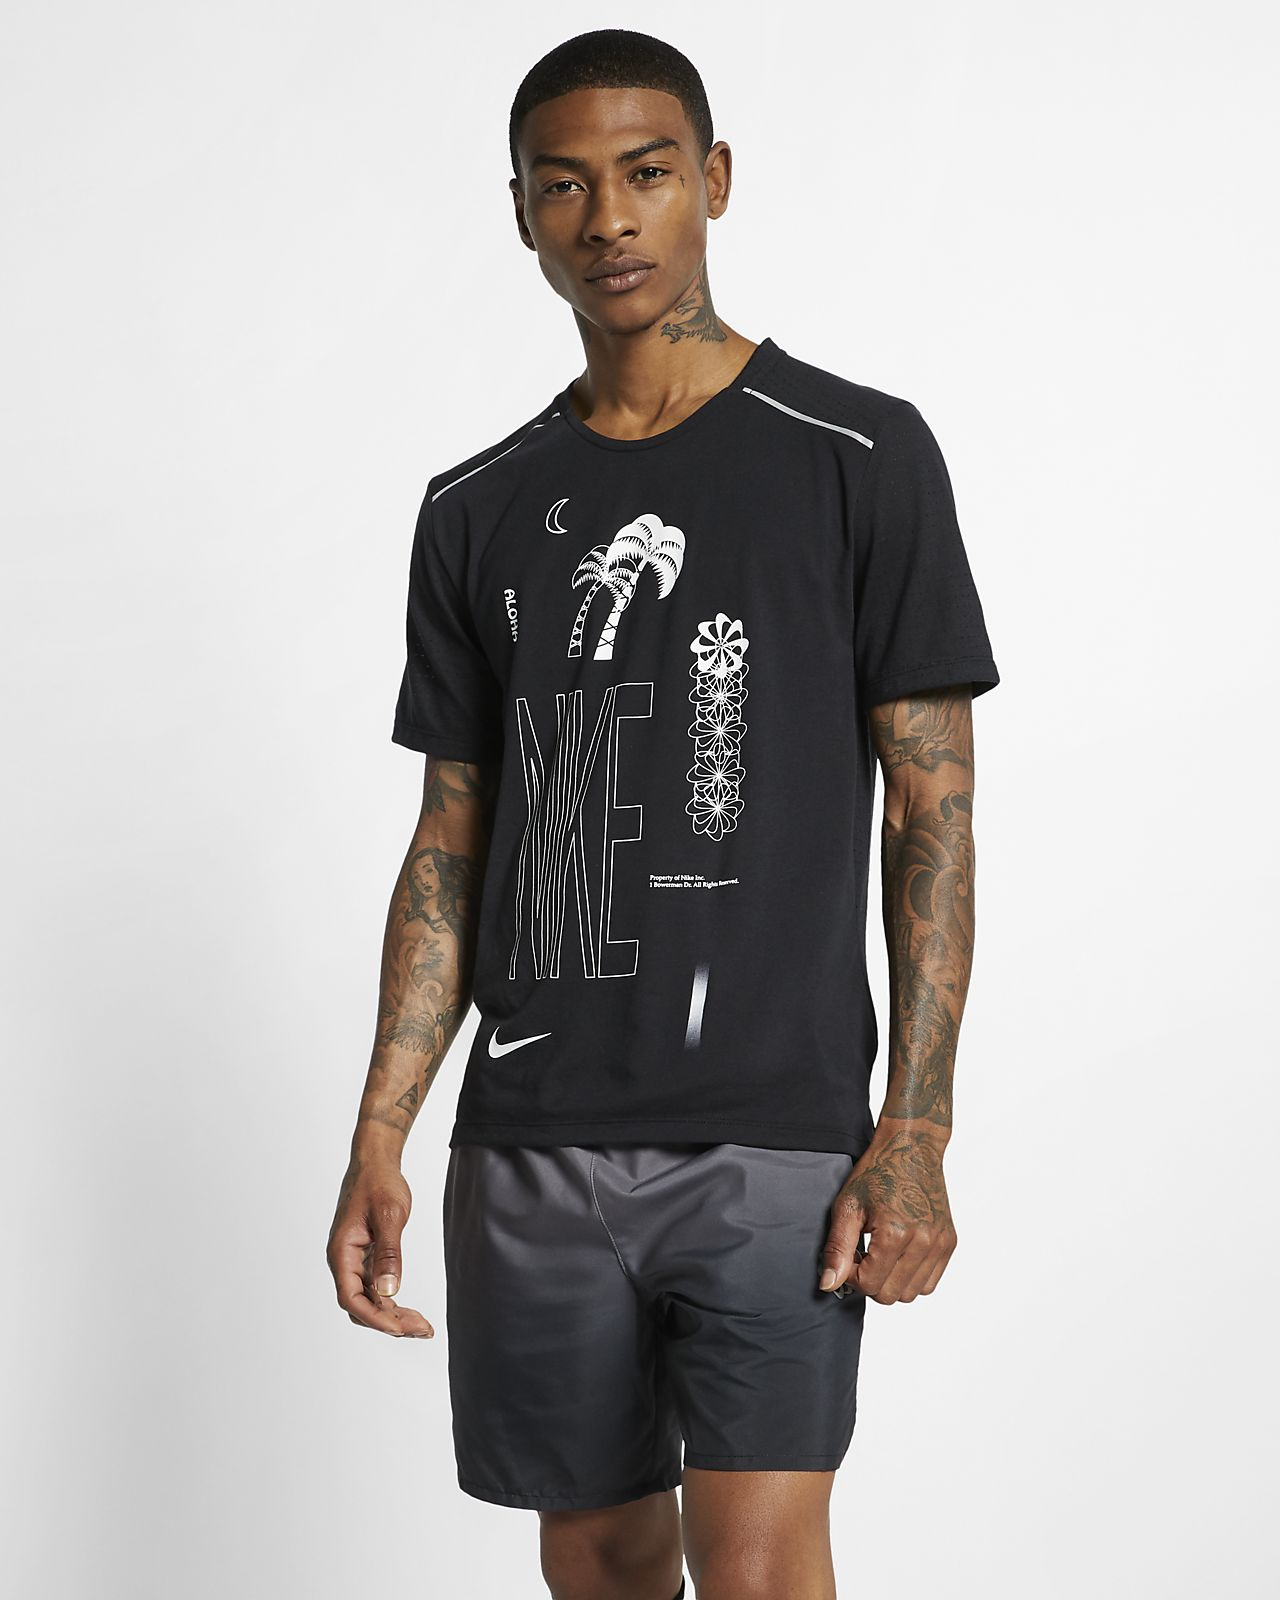 เสื้อวิ่งแขนสั้นผู้ชายมีกราฟิก Nike Rise 365